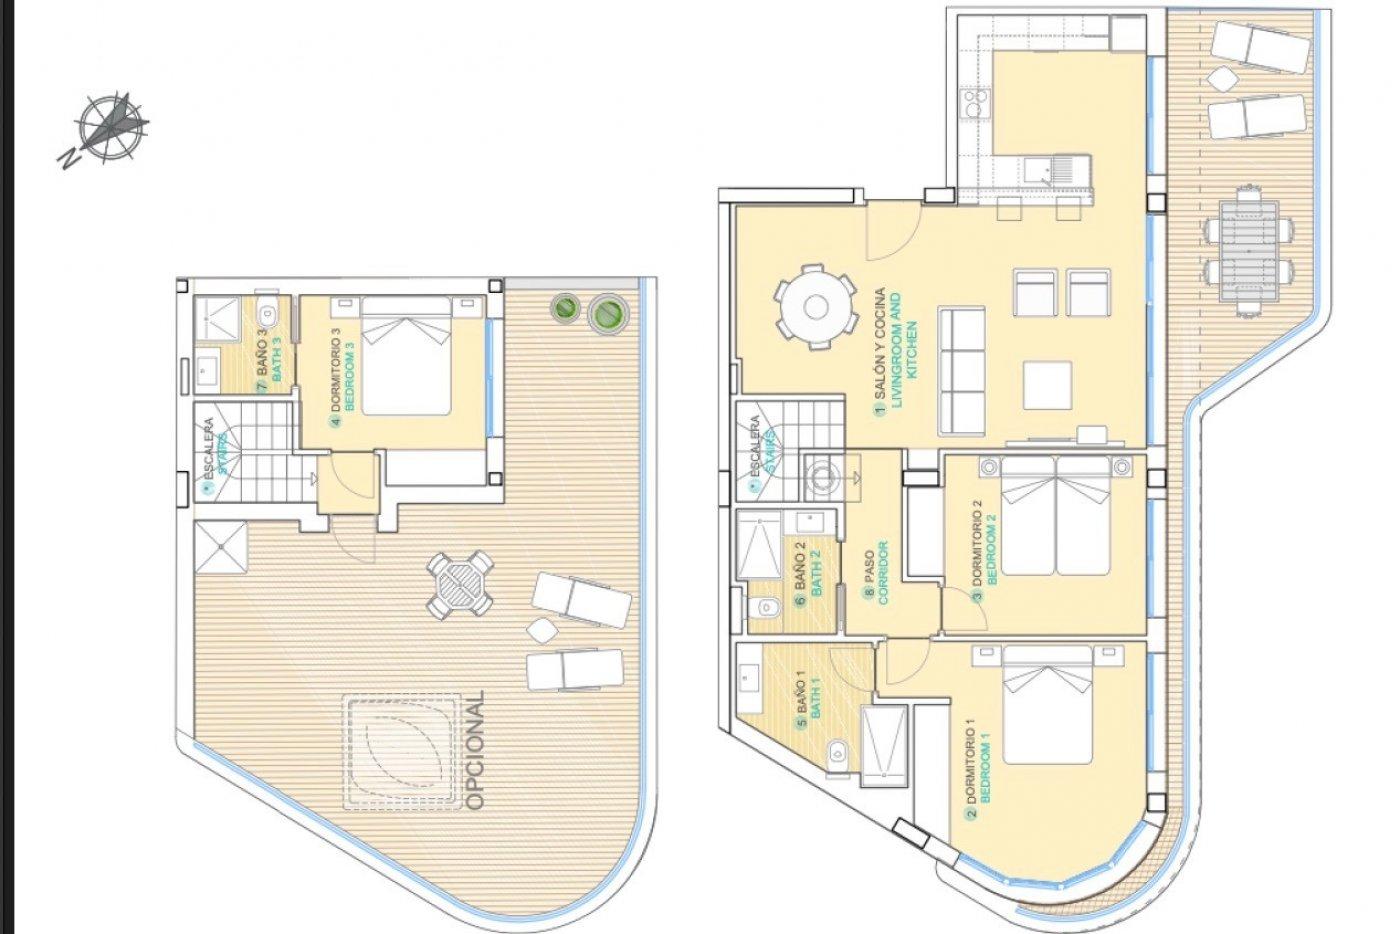 Galleribillede 1 of Exceptionel 2 etagers 4 vær luksus lejlighed, panorama udsigt, 58 m2 og 24 m2 solterrasser